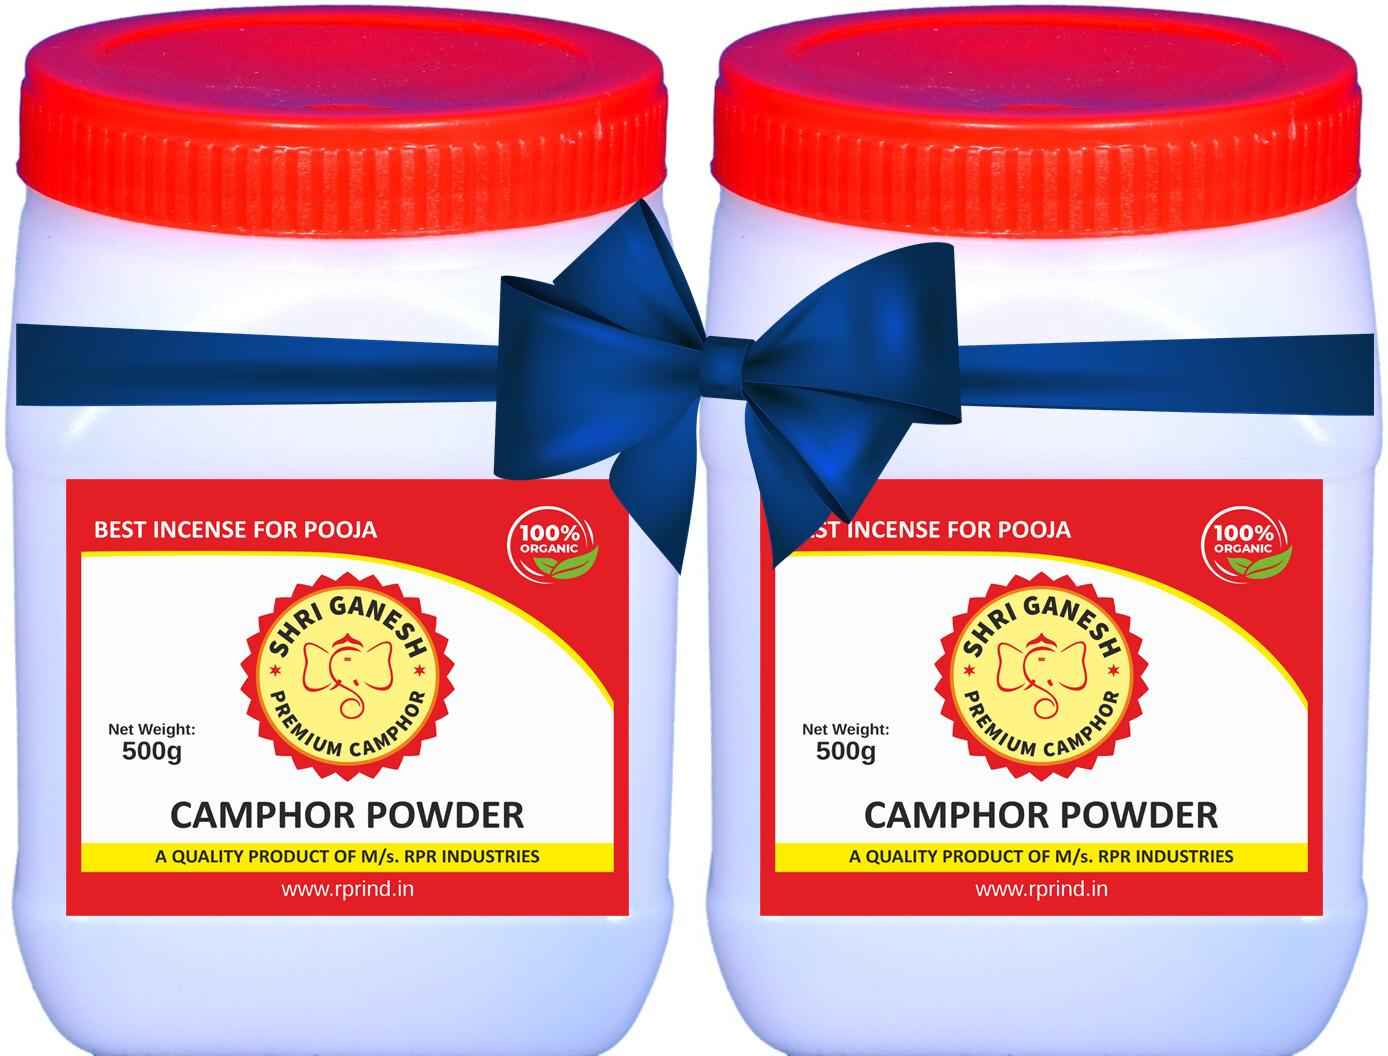 Shri Ganesh Premium Camphor Powder - 1kg